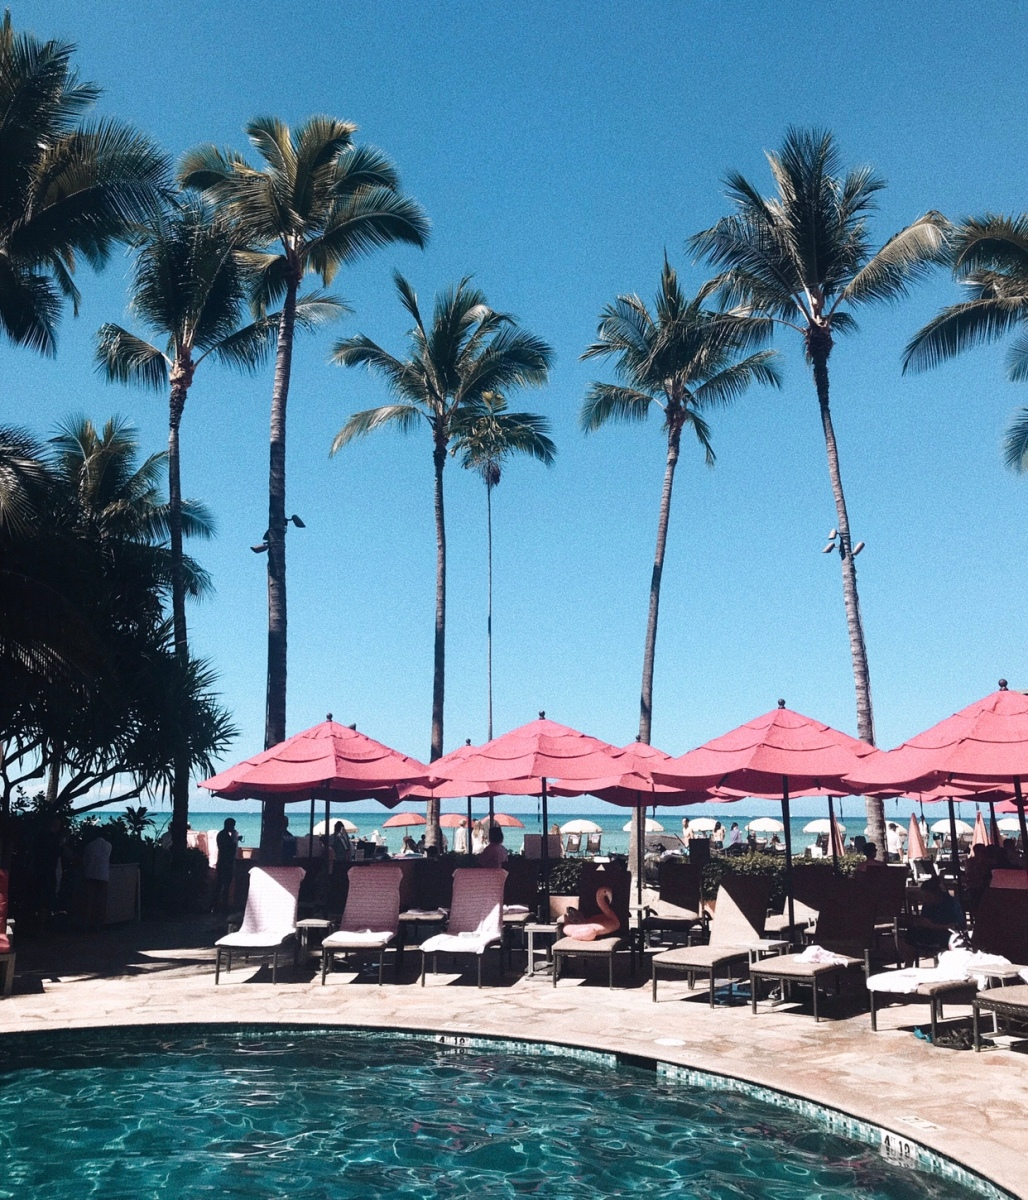 Verano en Hawaii junto a Royal Hawaiian / Summer in Hawaii with Royal Hawaiian